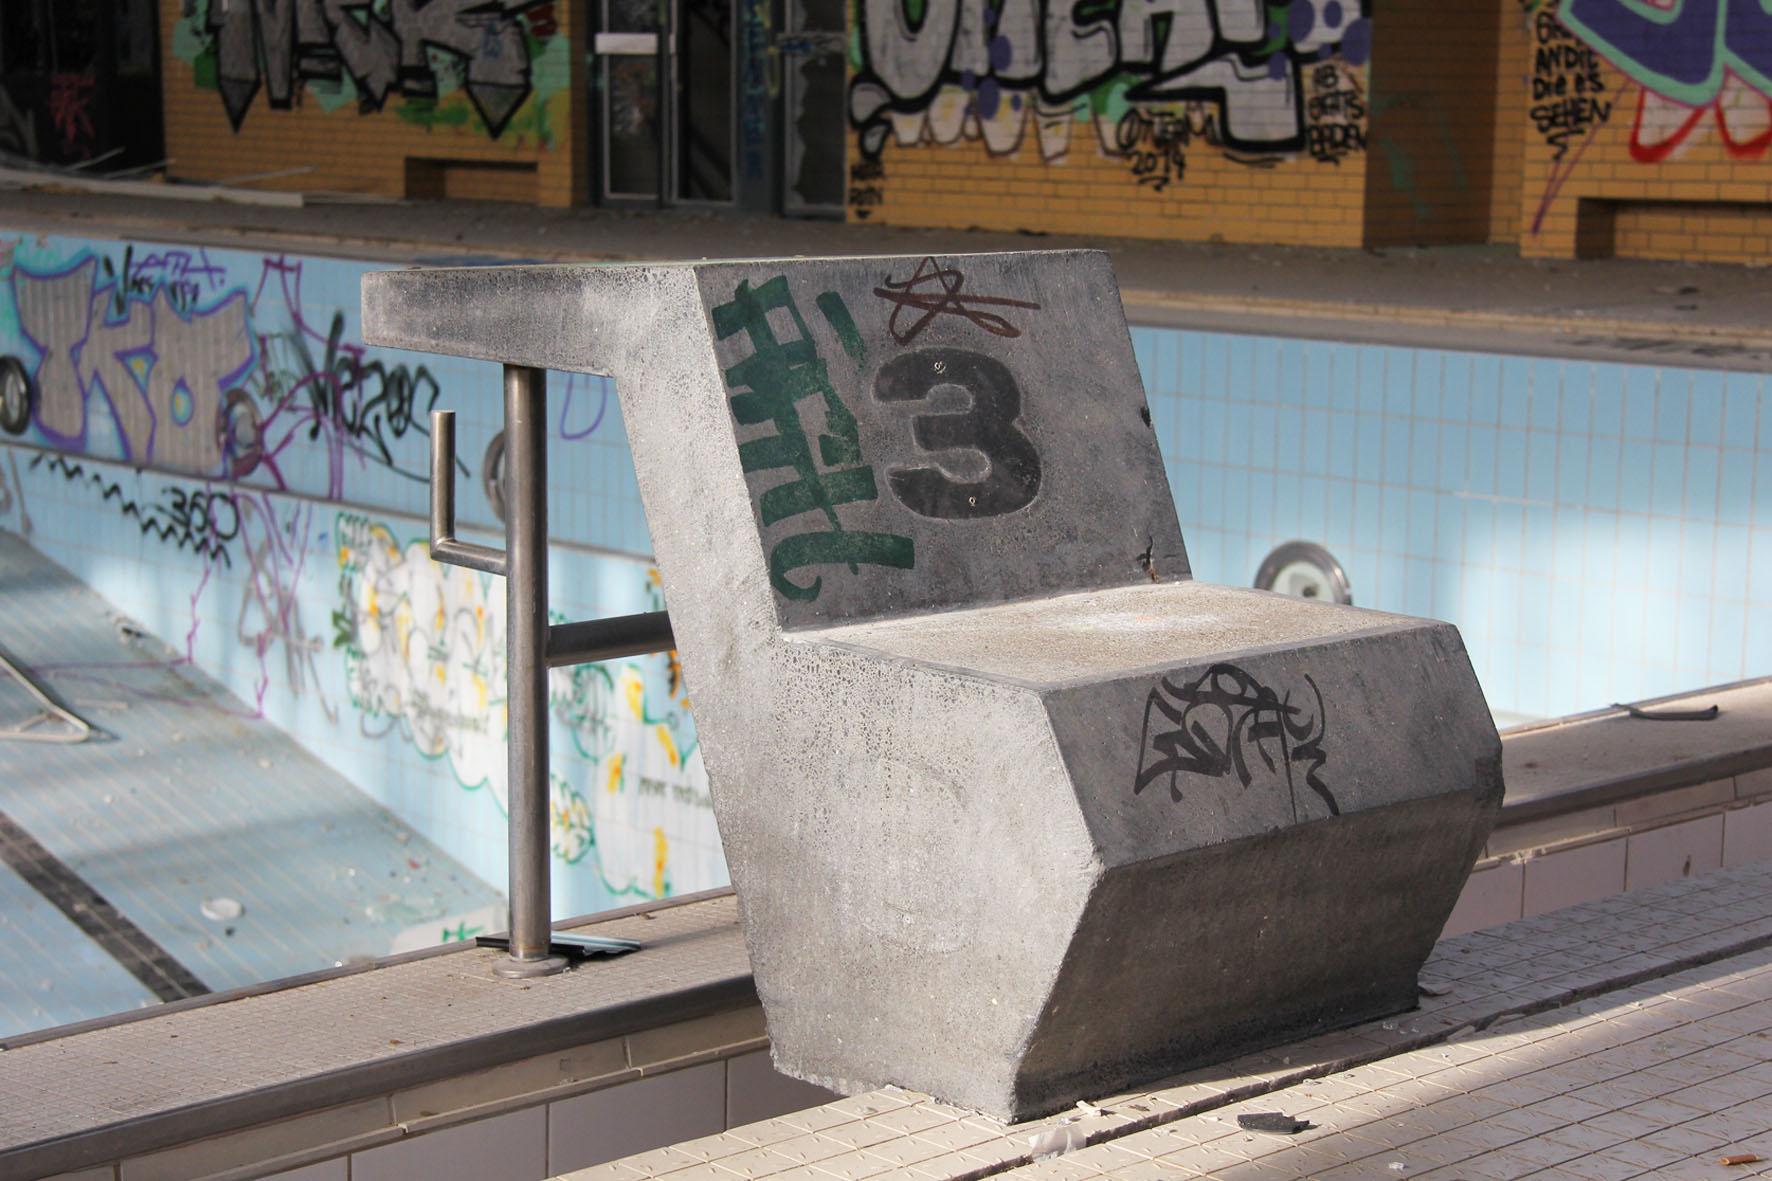 Startblock 3 im Franzosenbad Berlin - Ein verlassenes Schwimmbad in der Cité Foch, ehemals Heimat der französischen Alliierten, die nach dem Zweiten Weltkrieg in Berlin stationiert waren